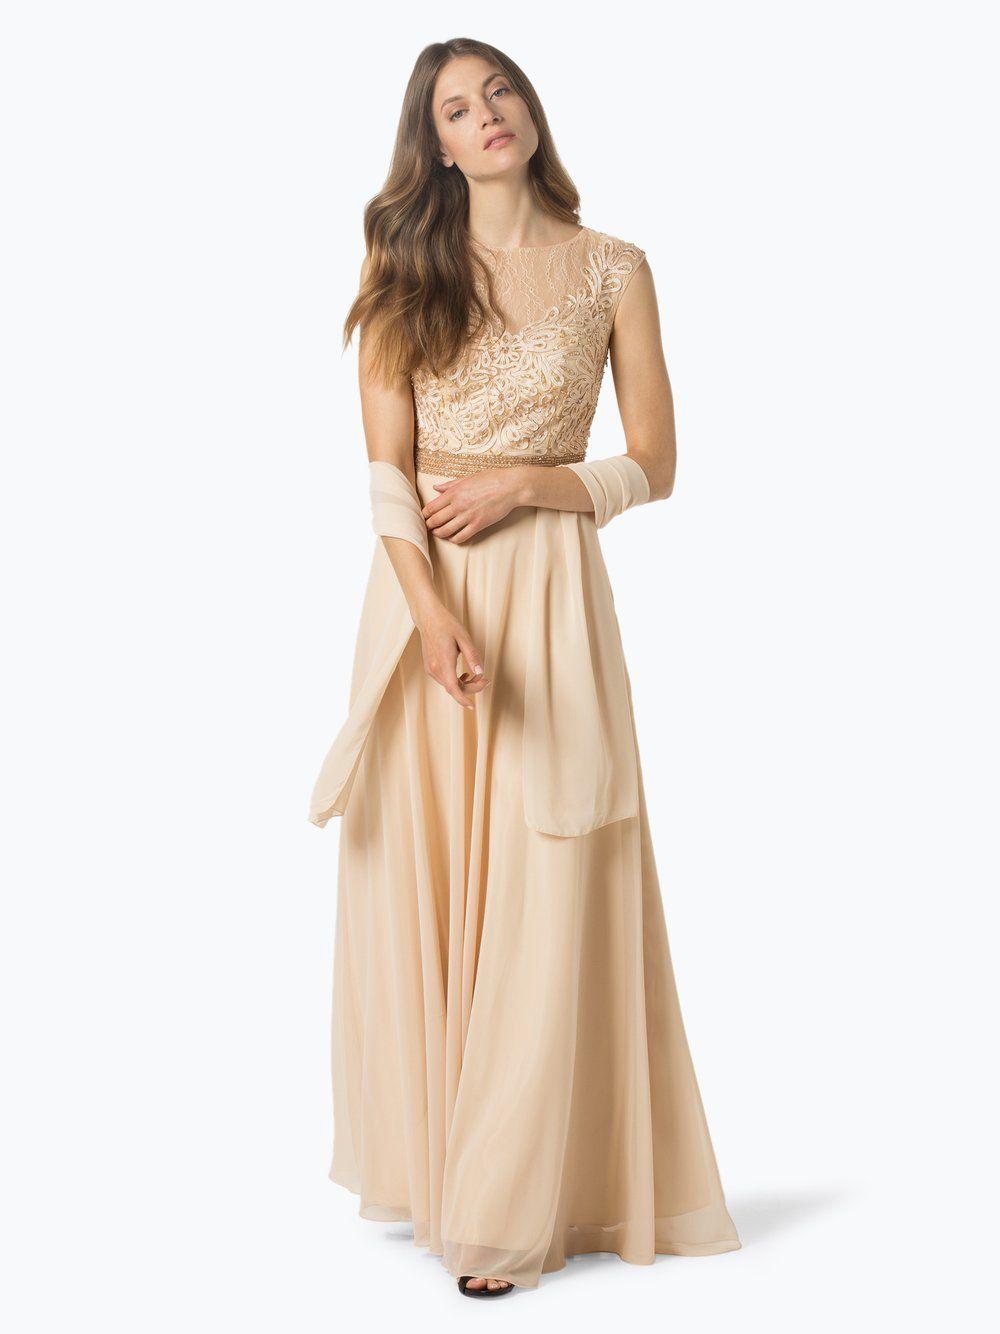 Niente Damska sukienka wieczorowa z etolą-13  Dresses, Wedding